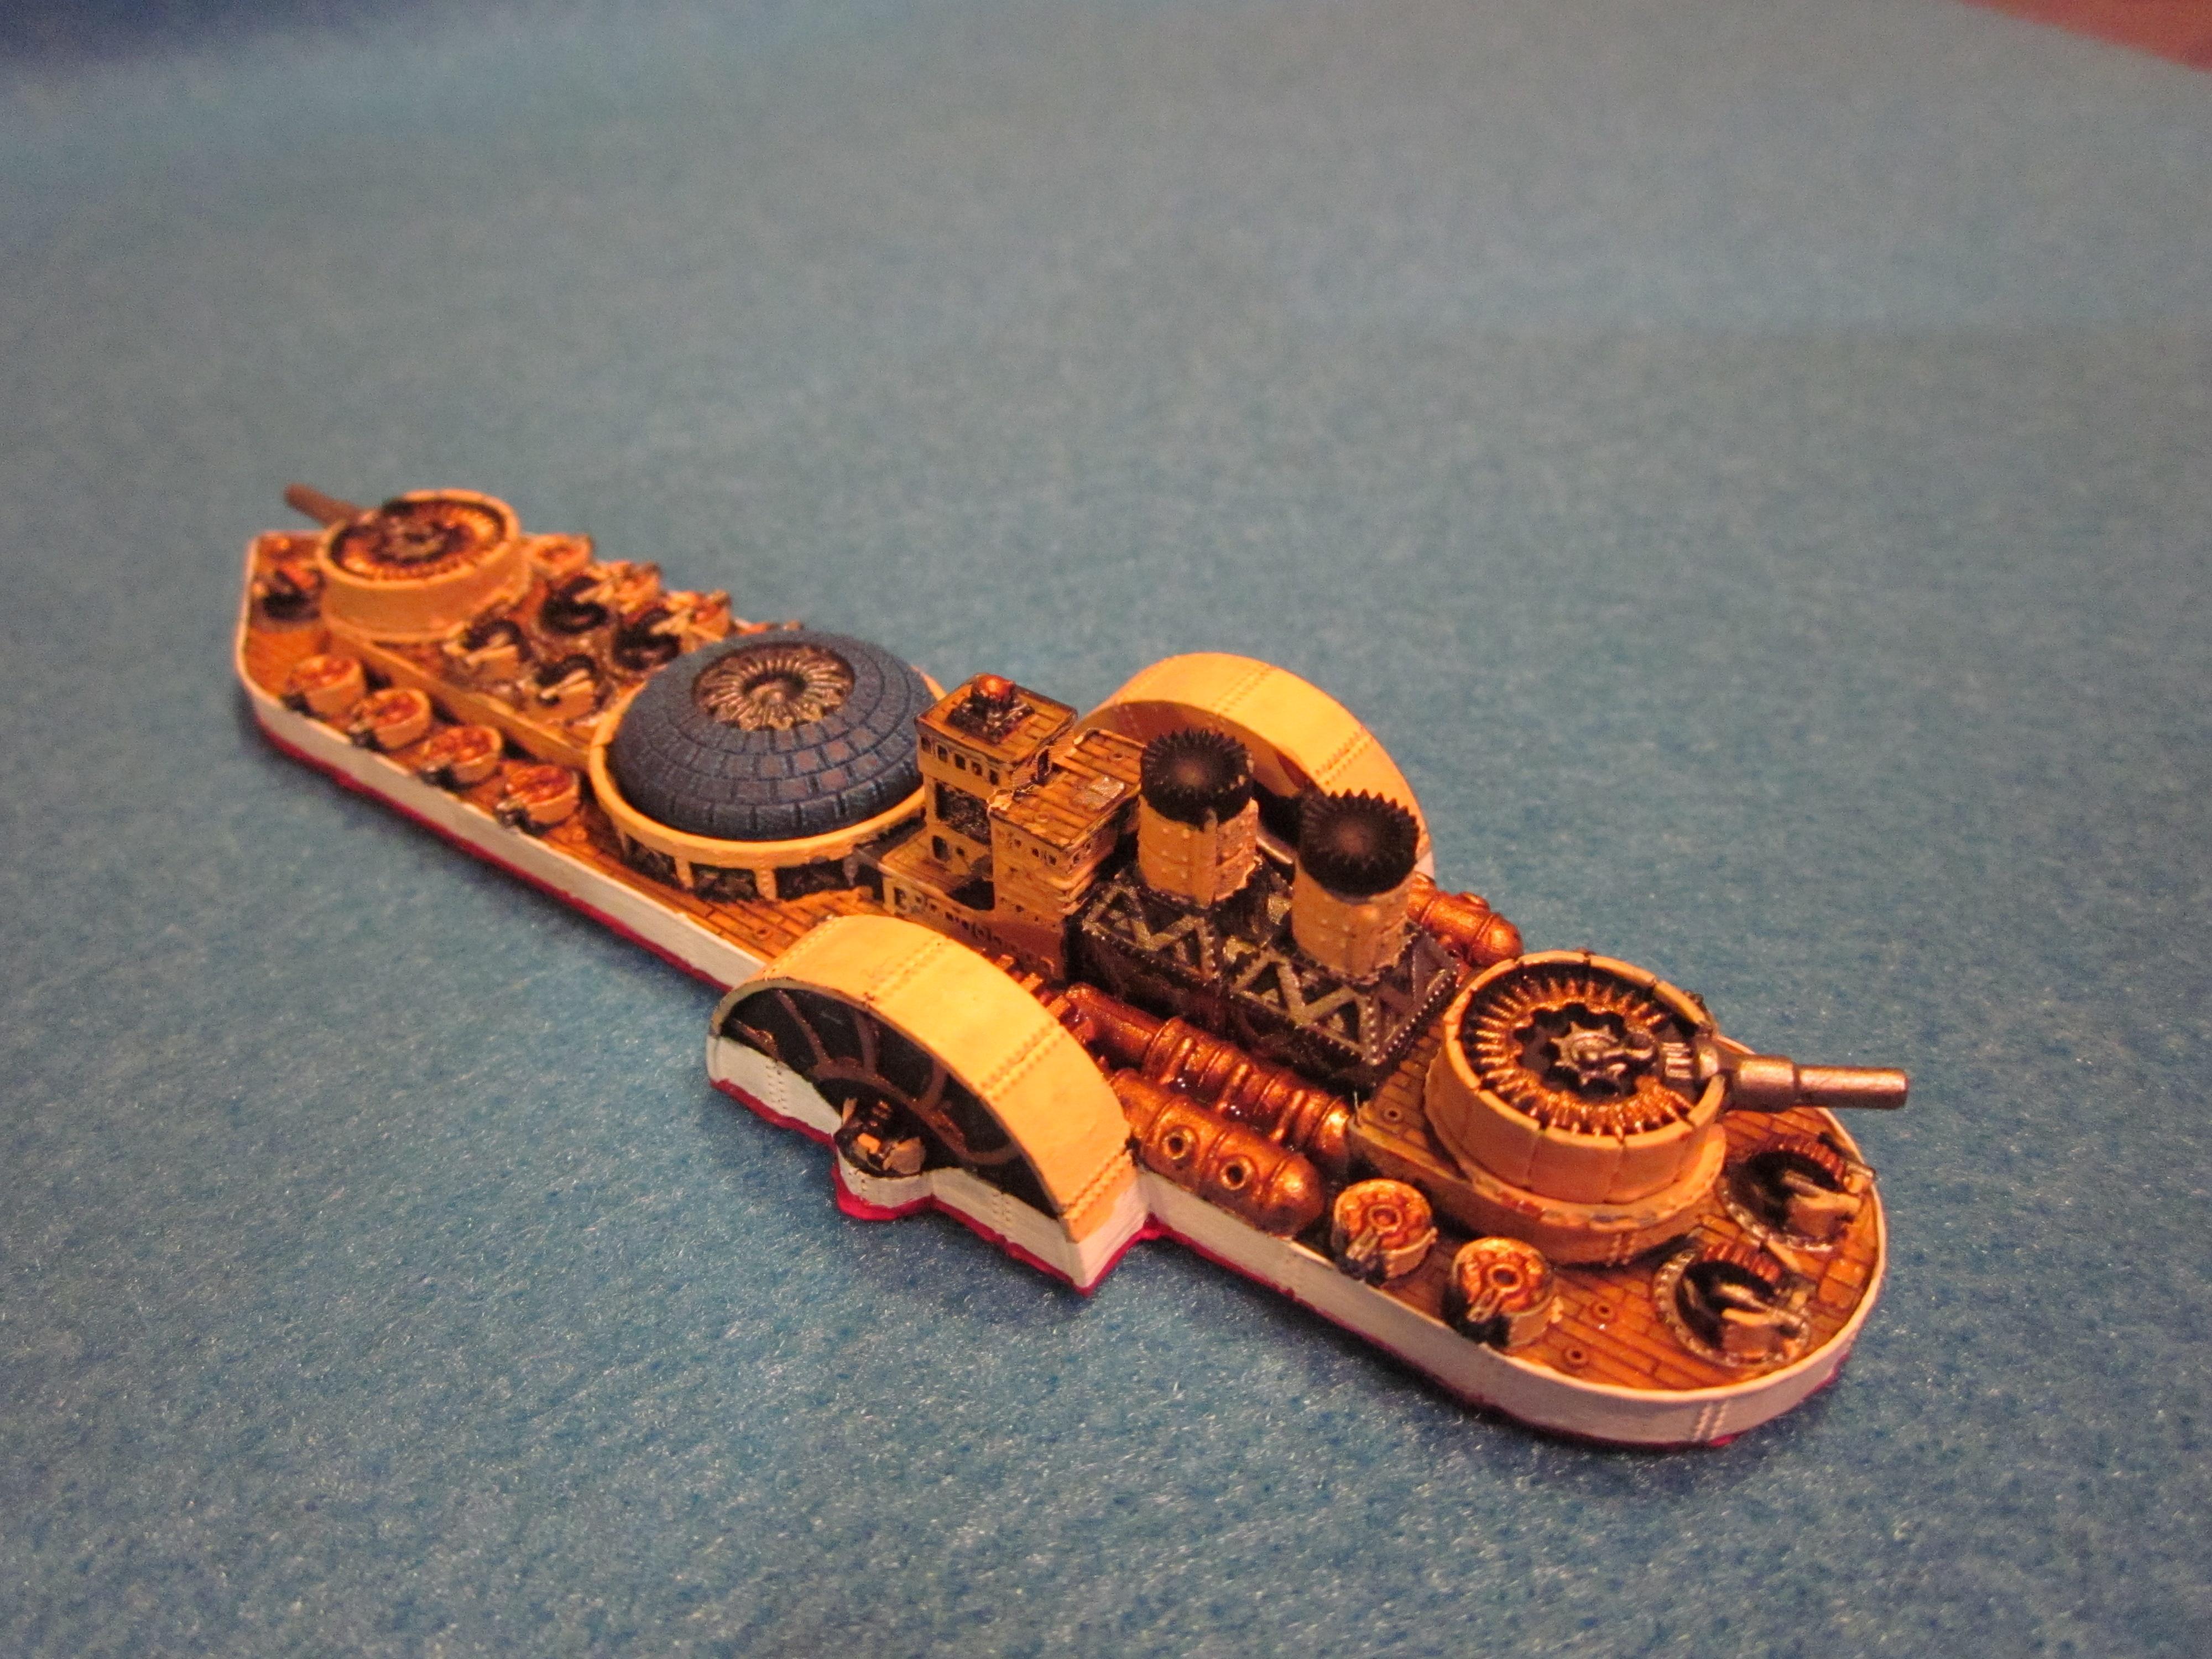 Battleship, Dystopian War, Fsa